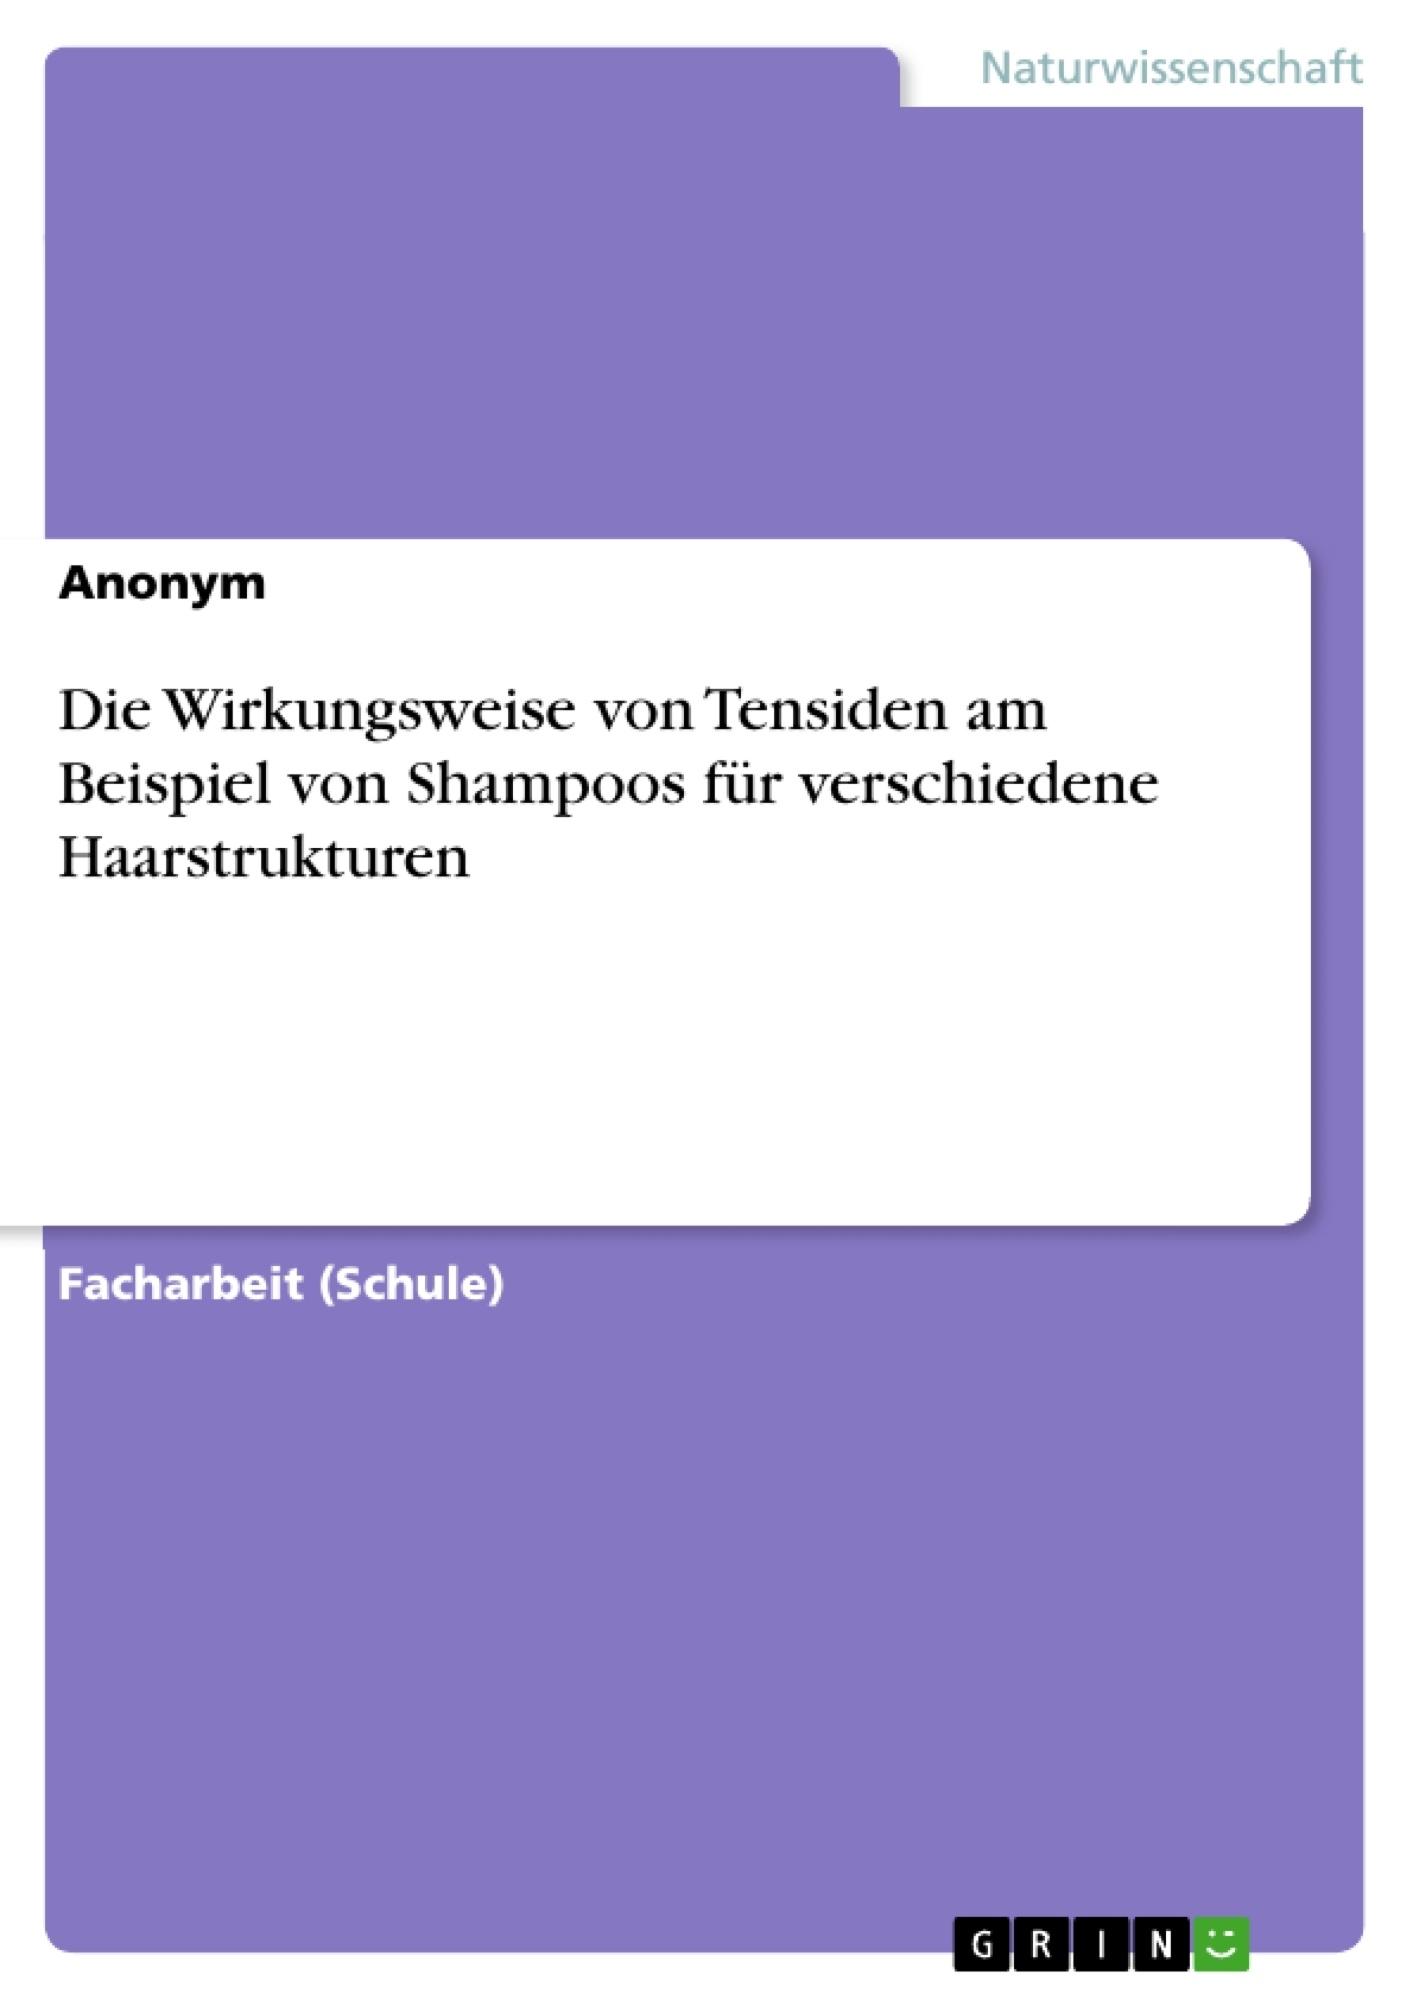 Titel: Die Wirkungsweise von Tensiden am Beispiel von Shampoos für verschiedene Haarstrukturen